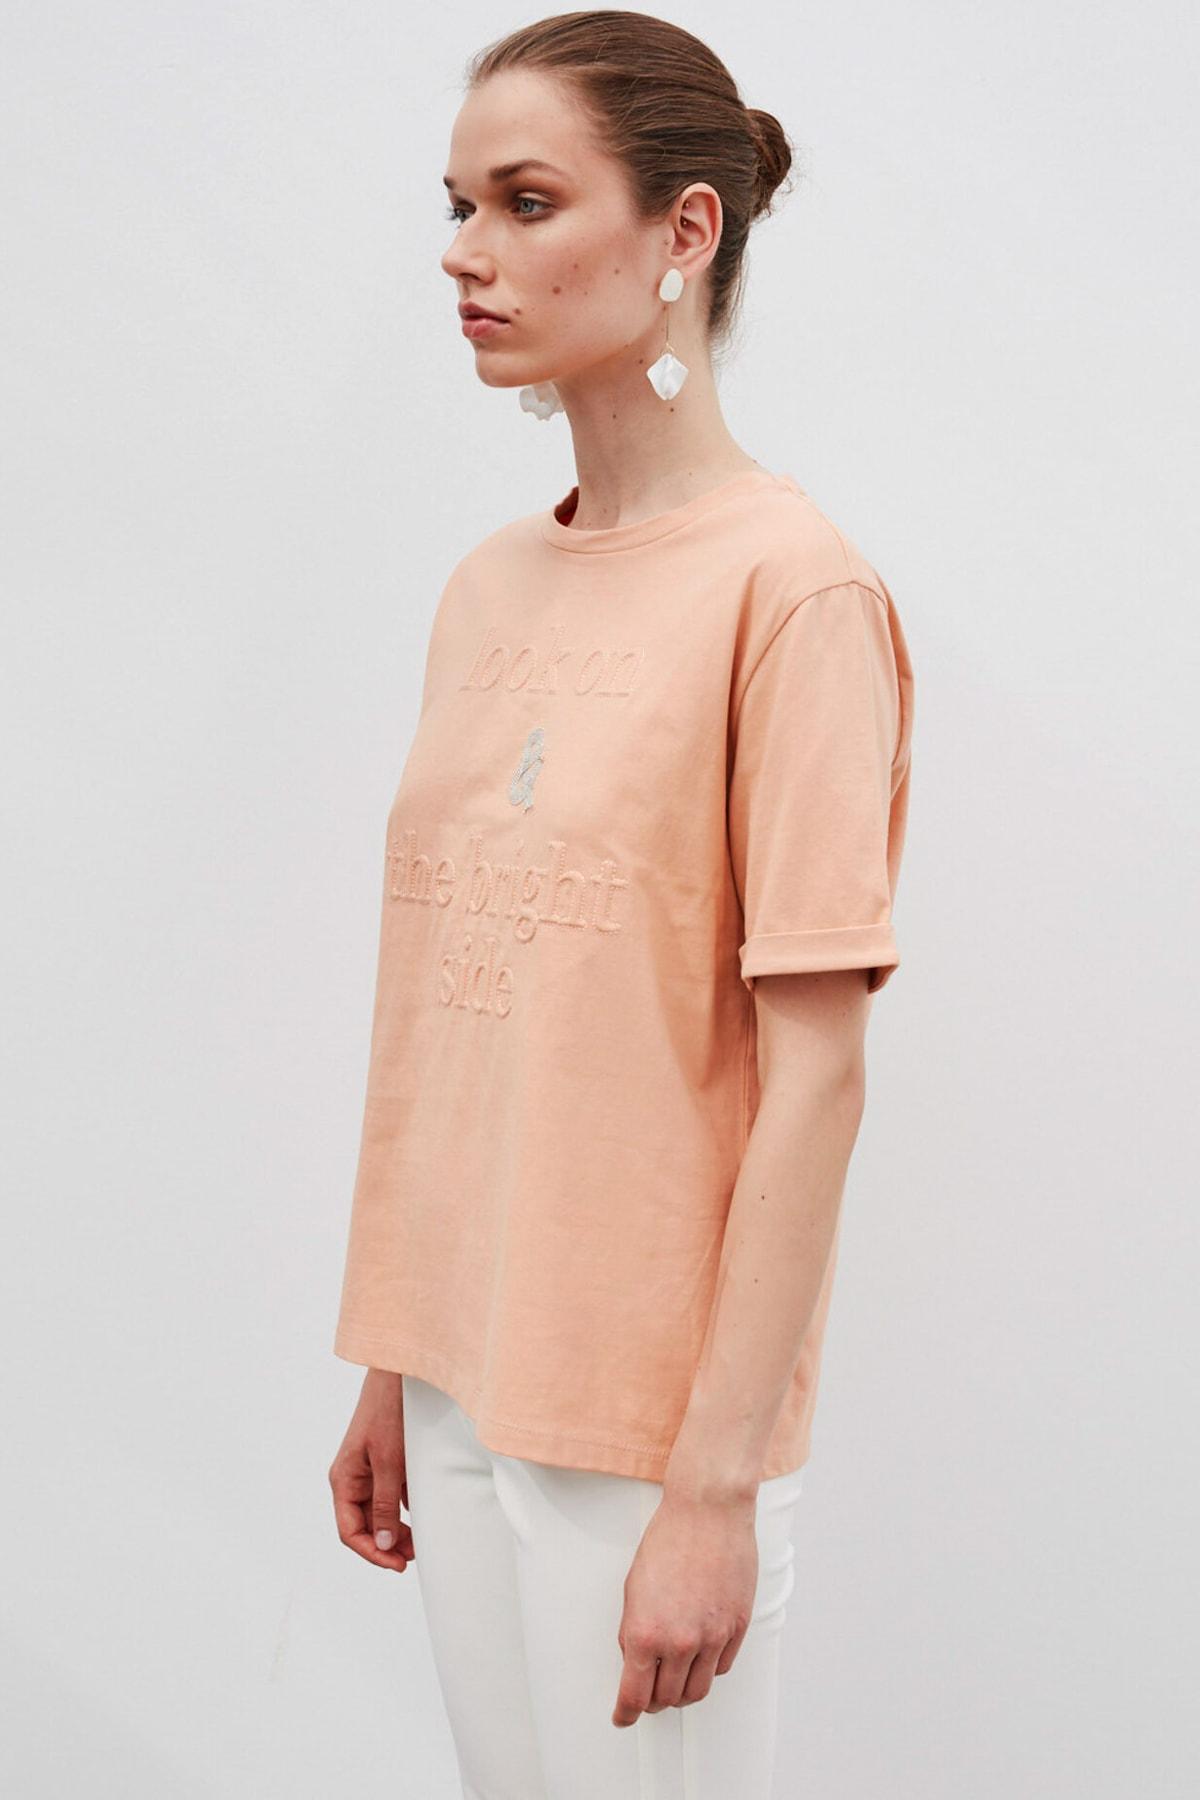 İpekyol Kadın Turuncu Slogan Baskılı Tişört  IW6200070099 1